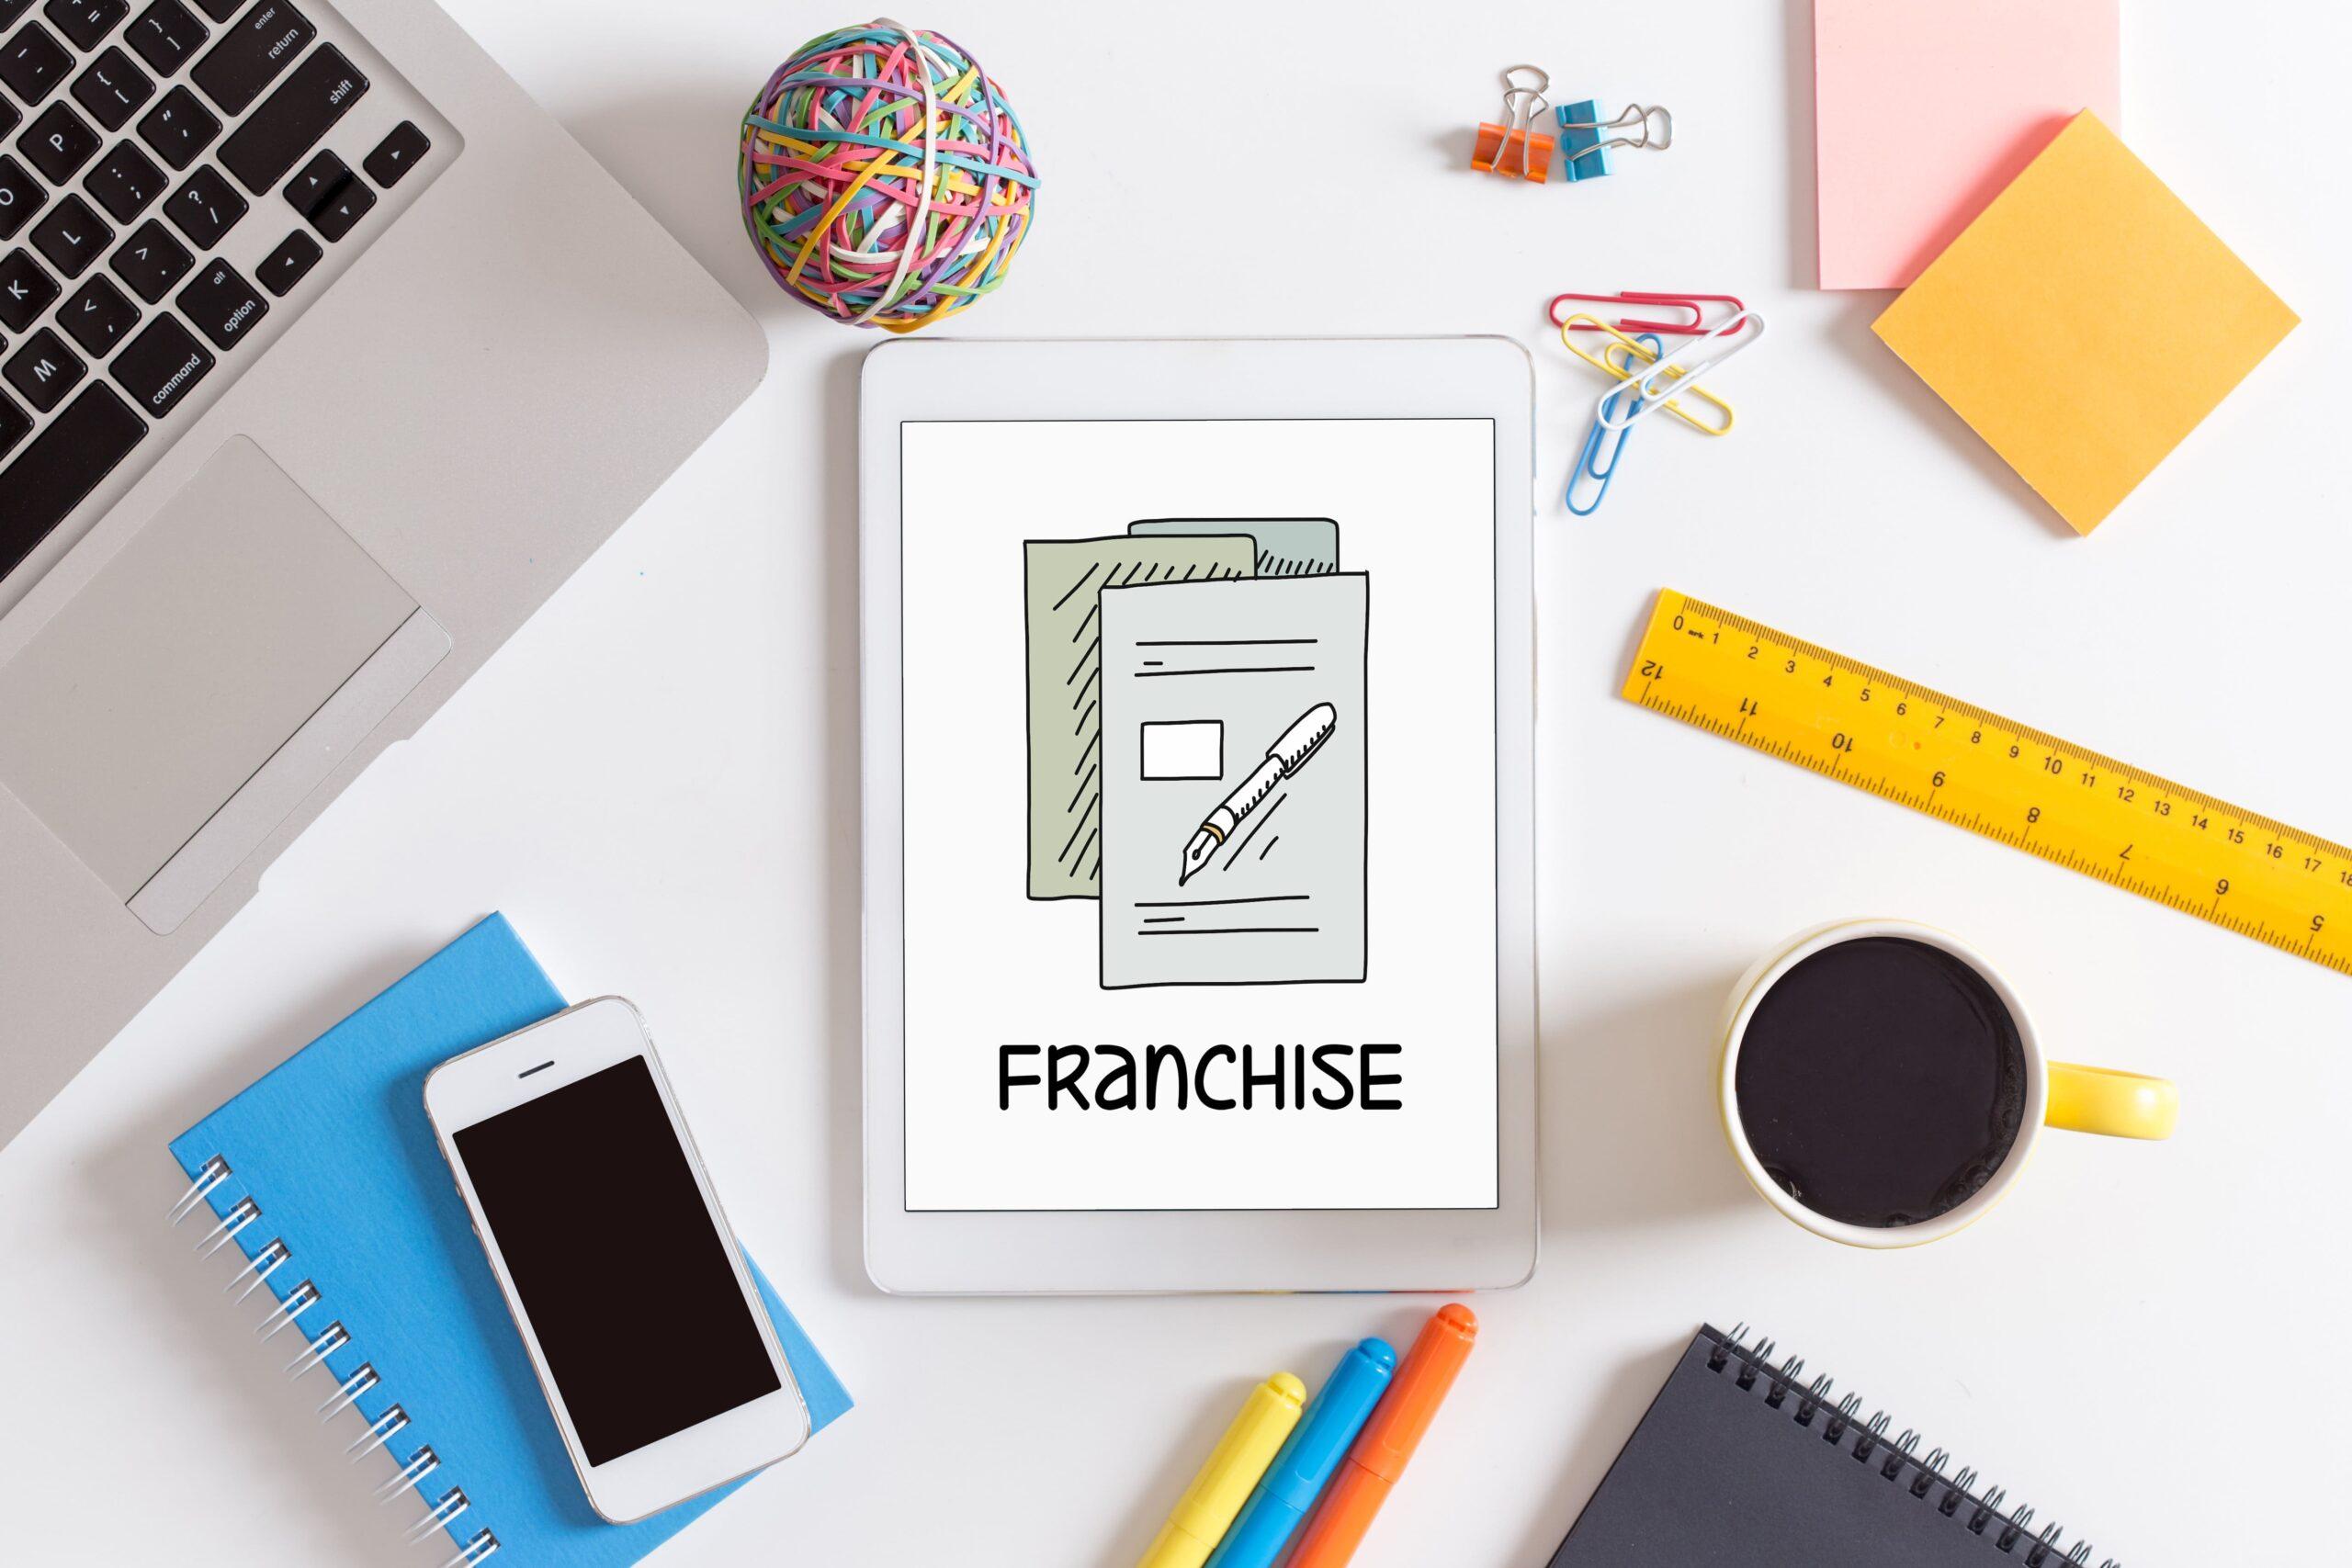 franchise concept, daycarer